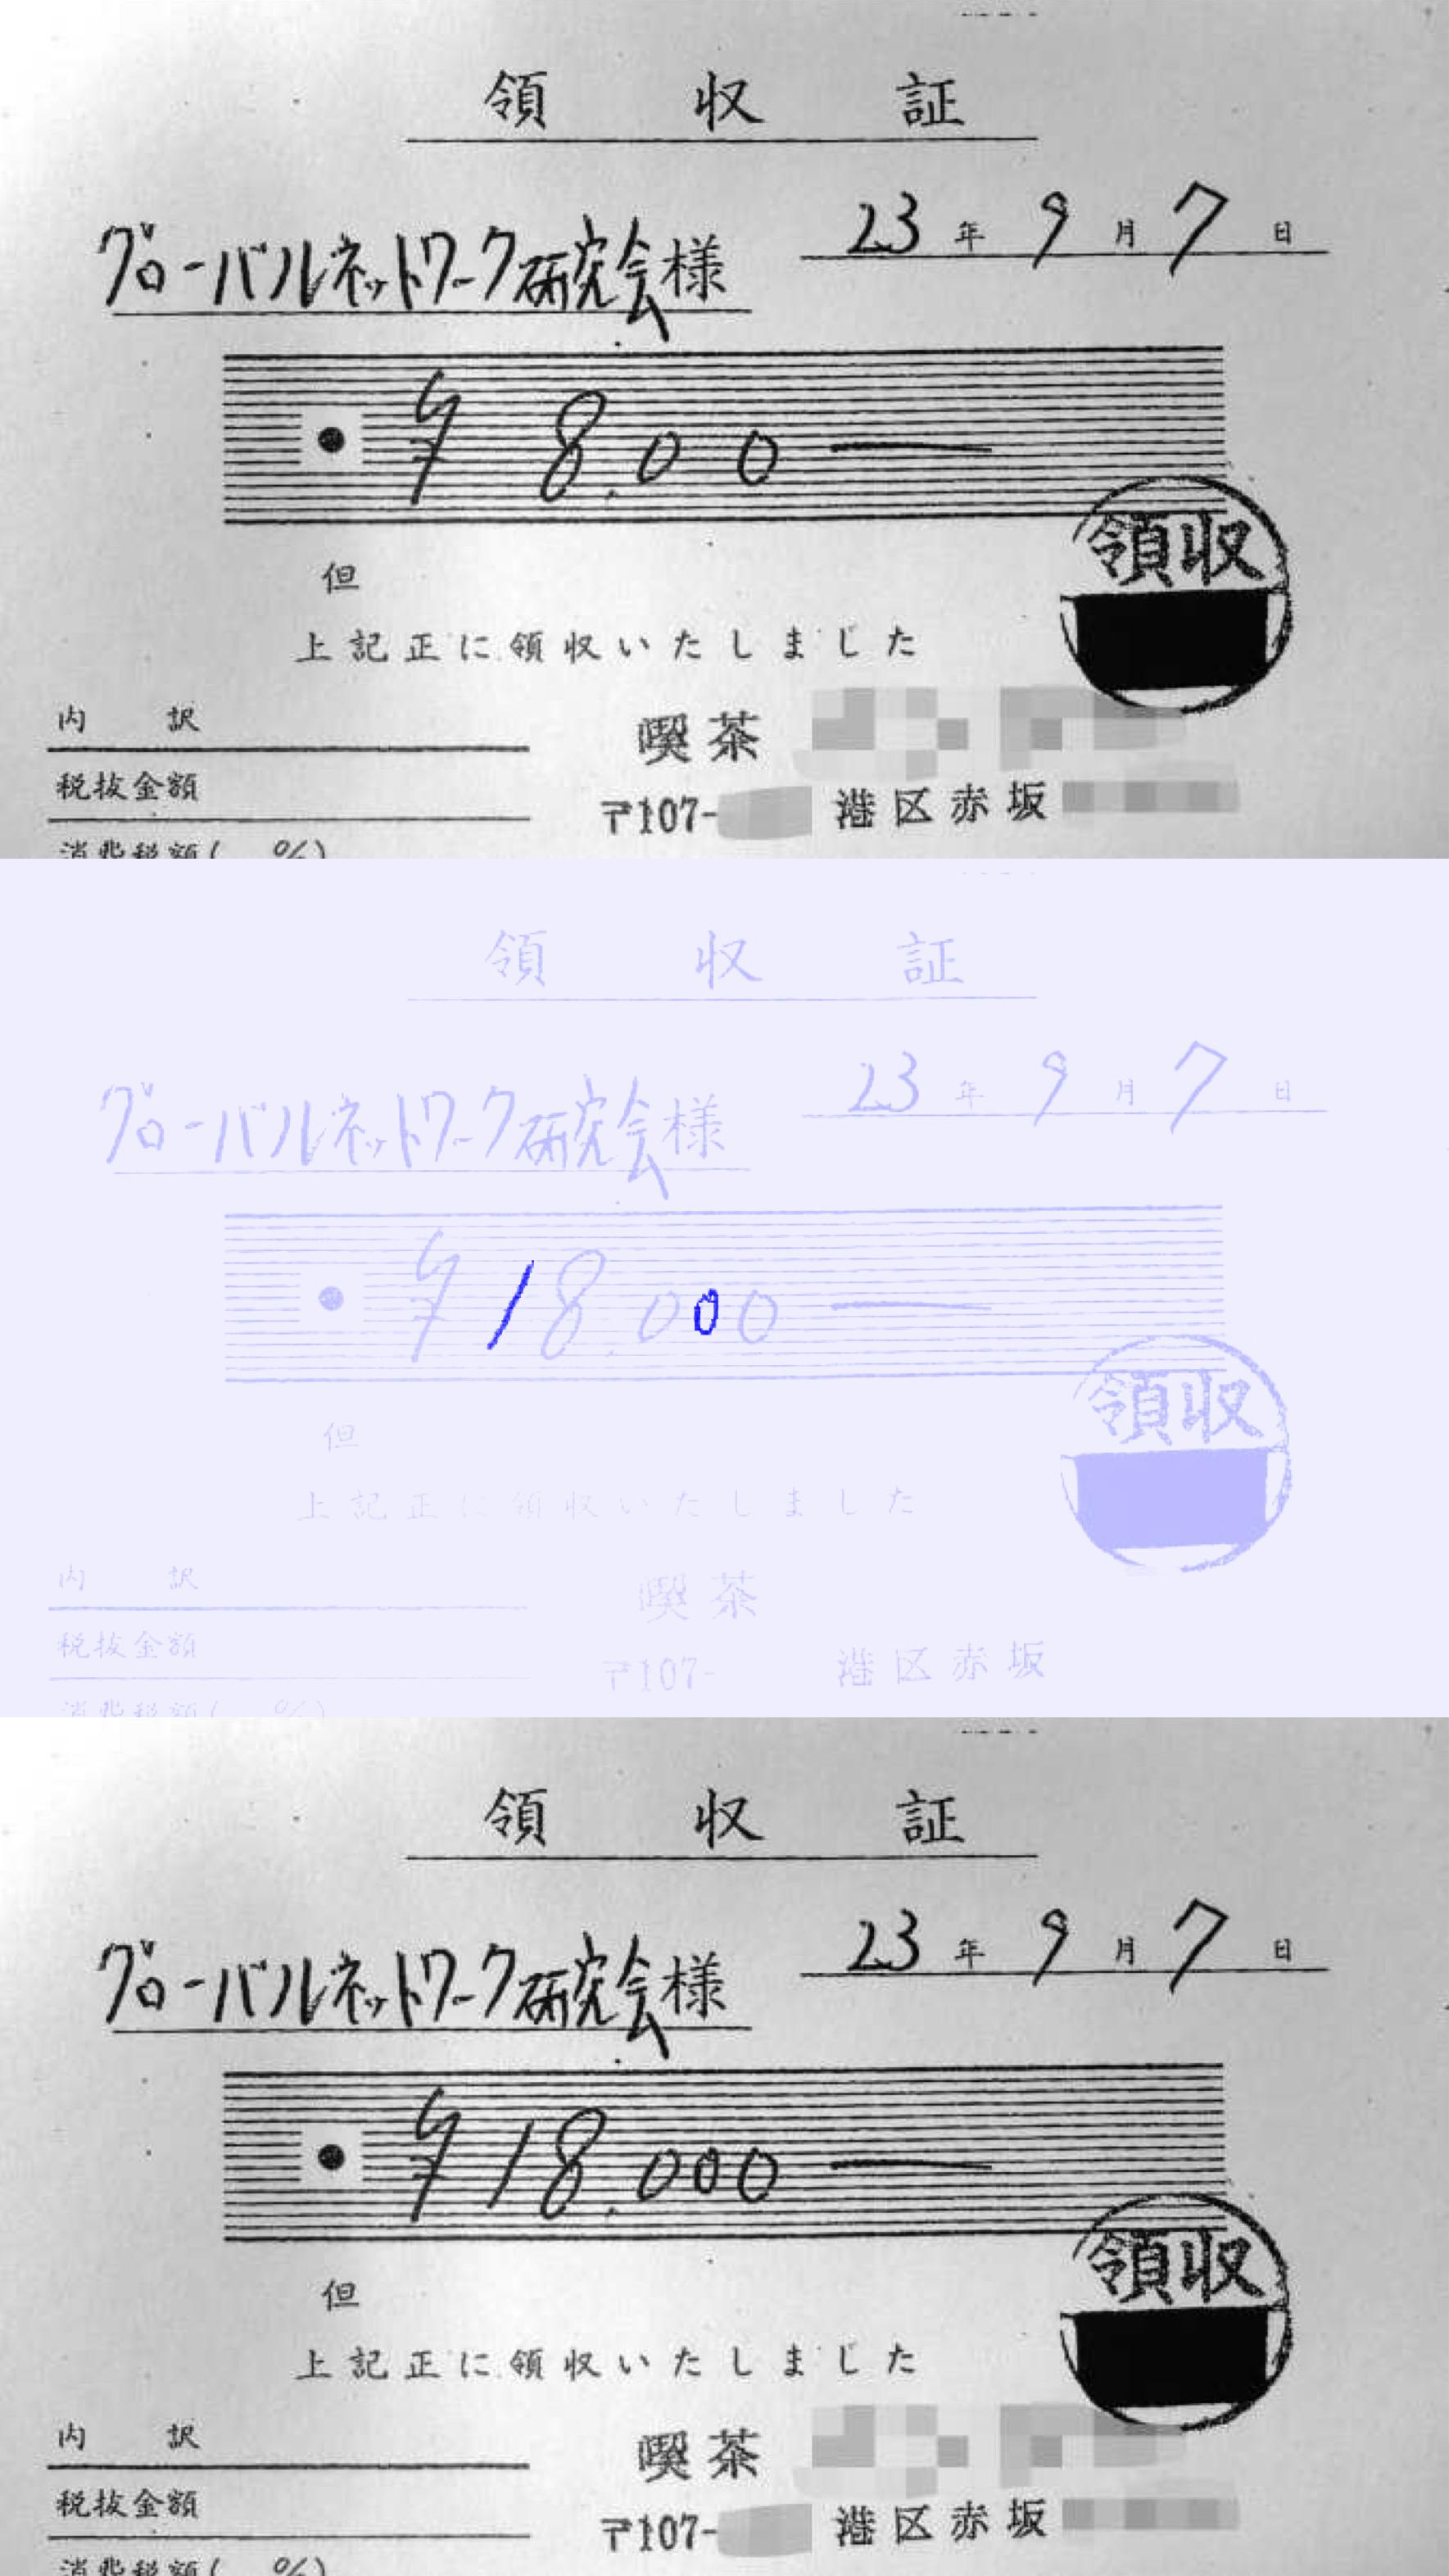 領収書の画像